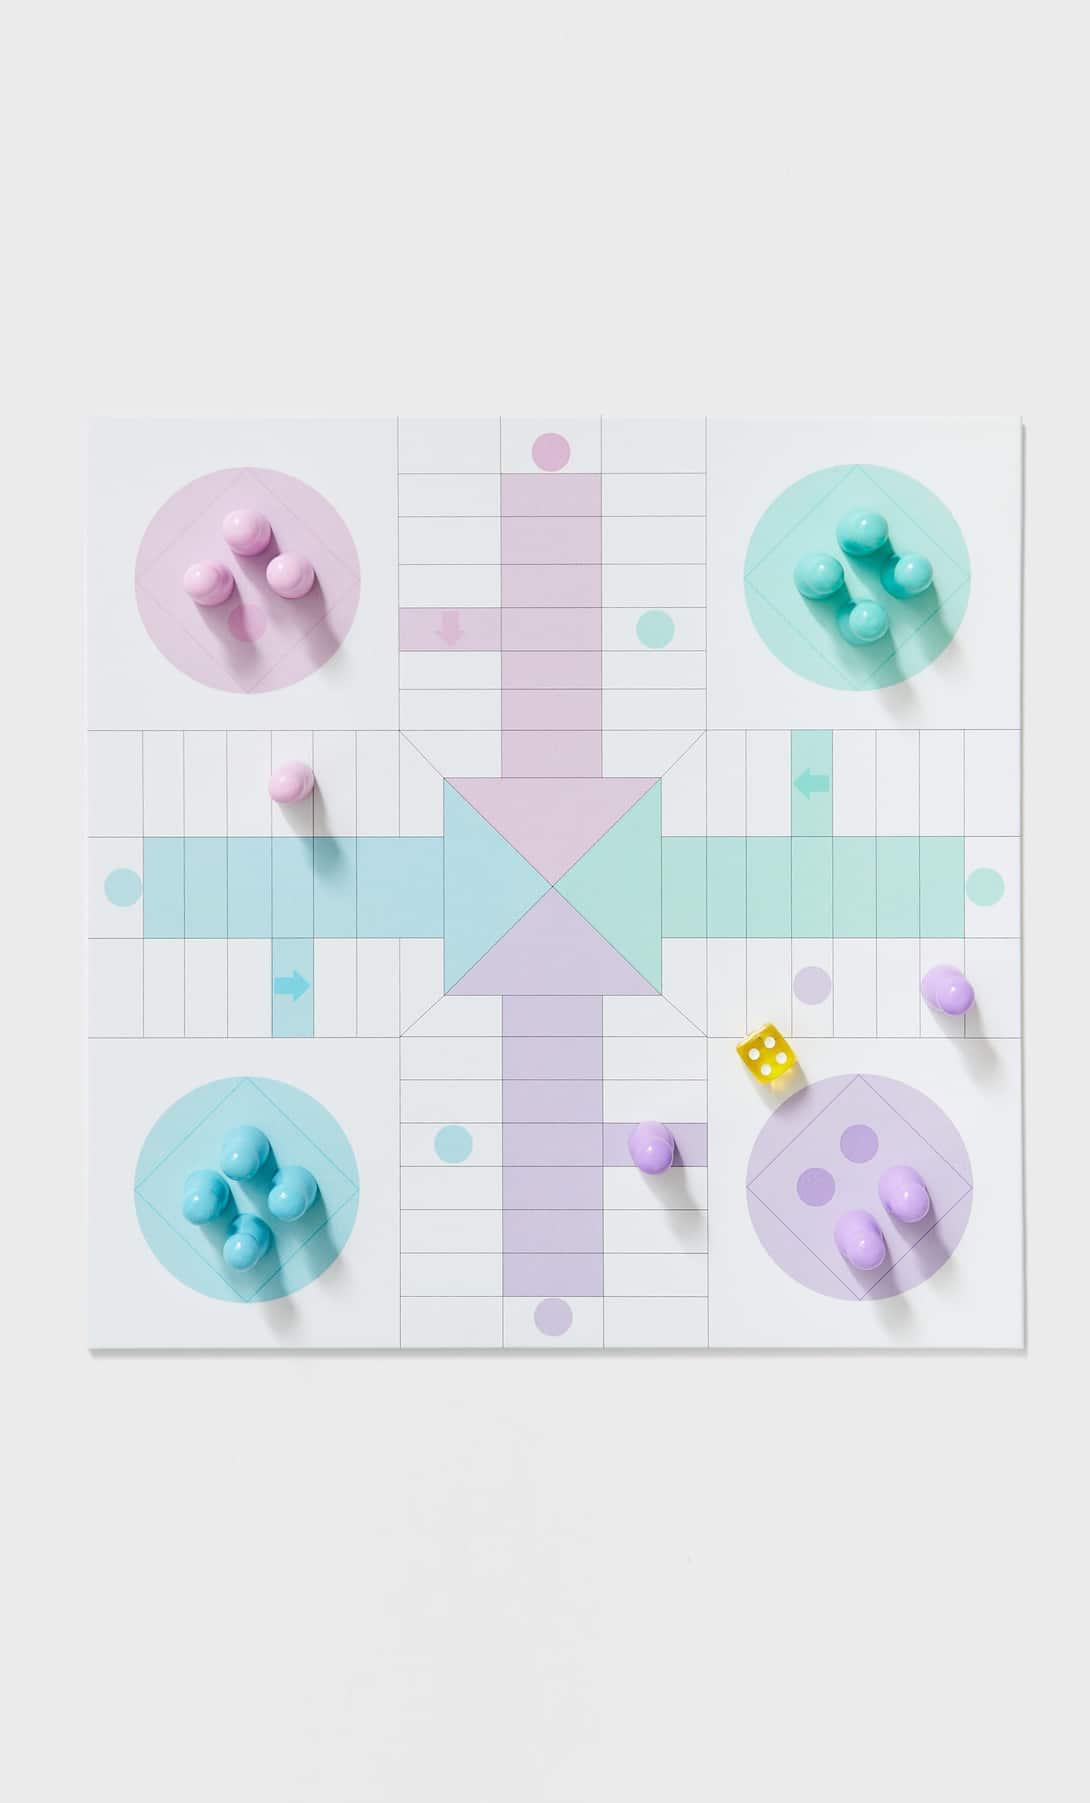 Descubre Gambito de Dama con el juego de ajedrez de Stradivarius